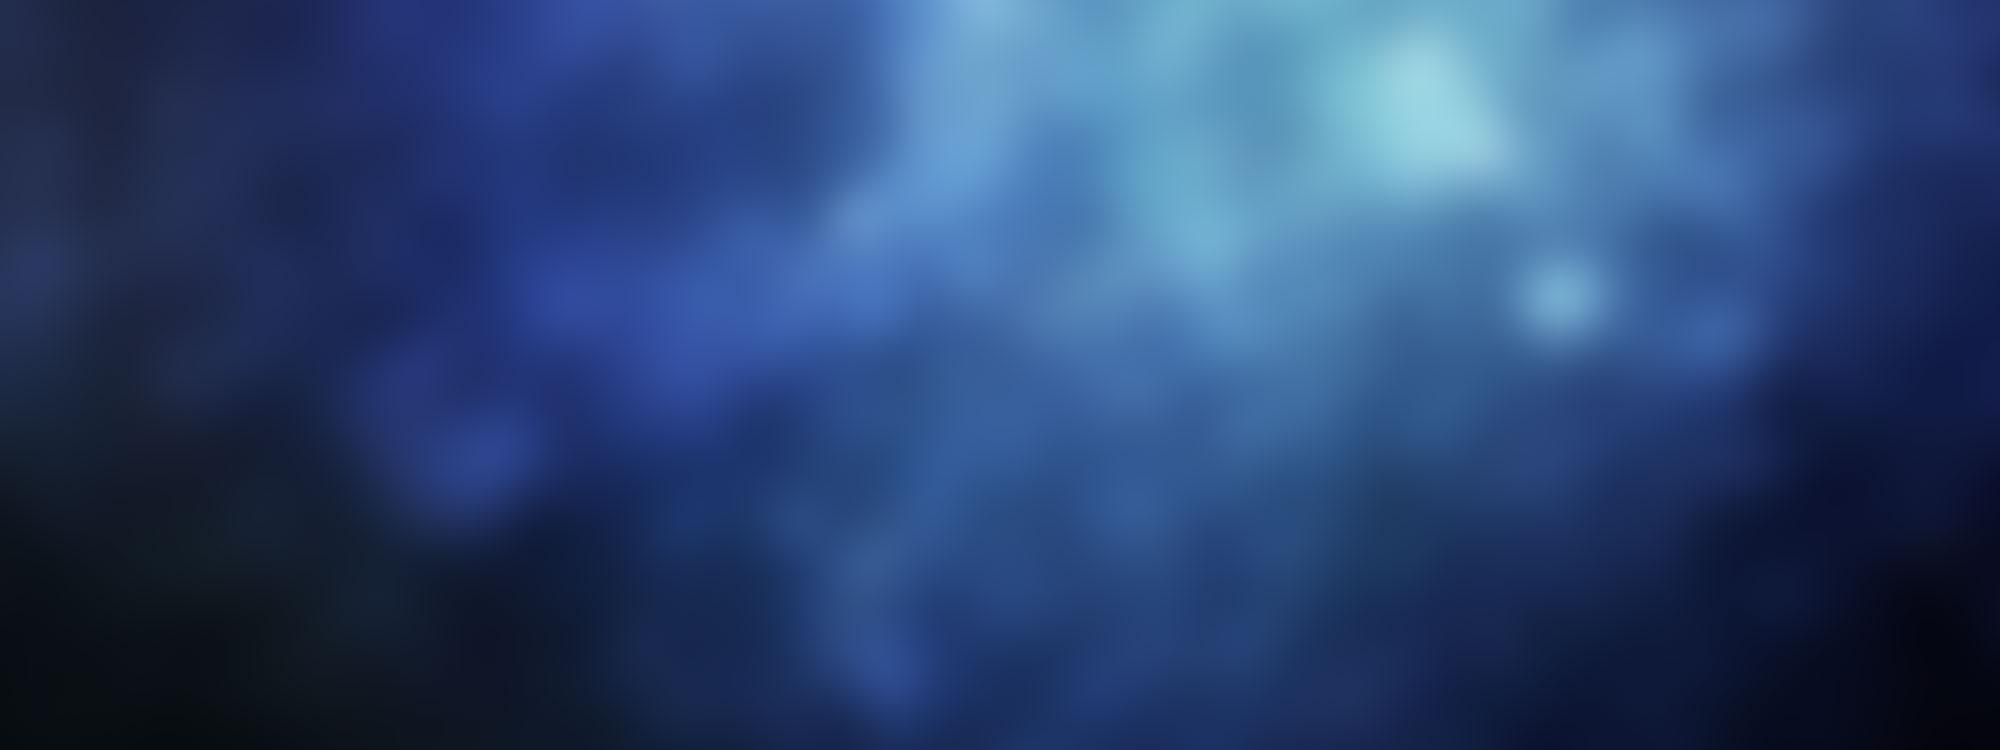 LVP236_slide_blur